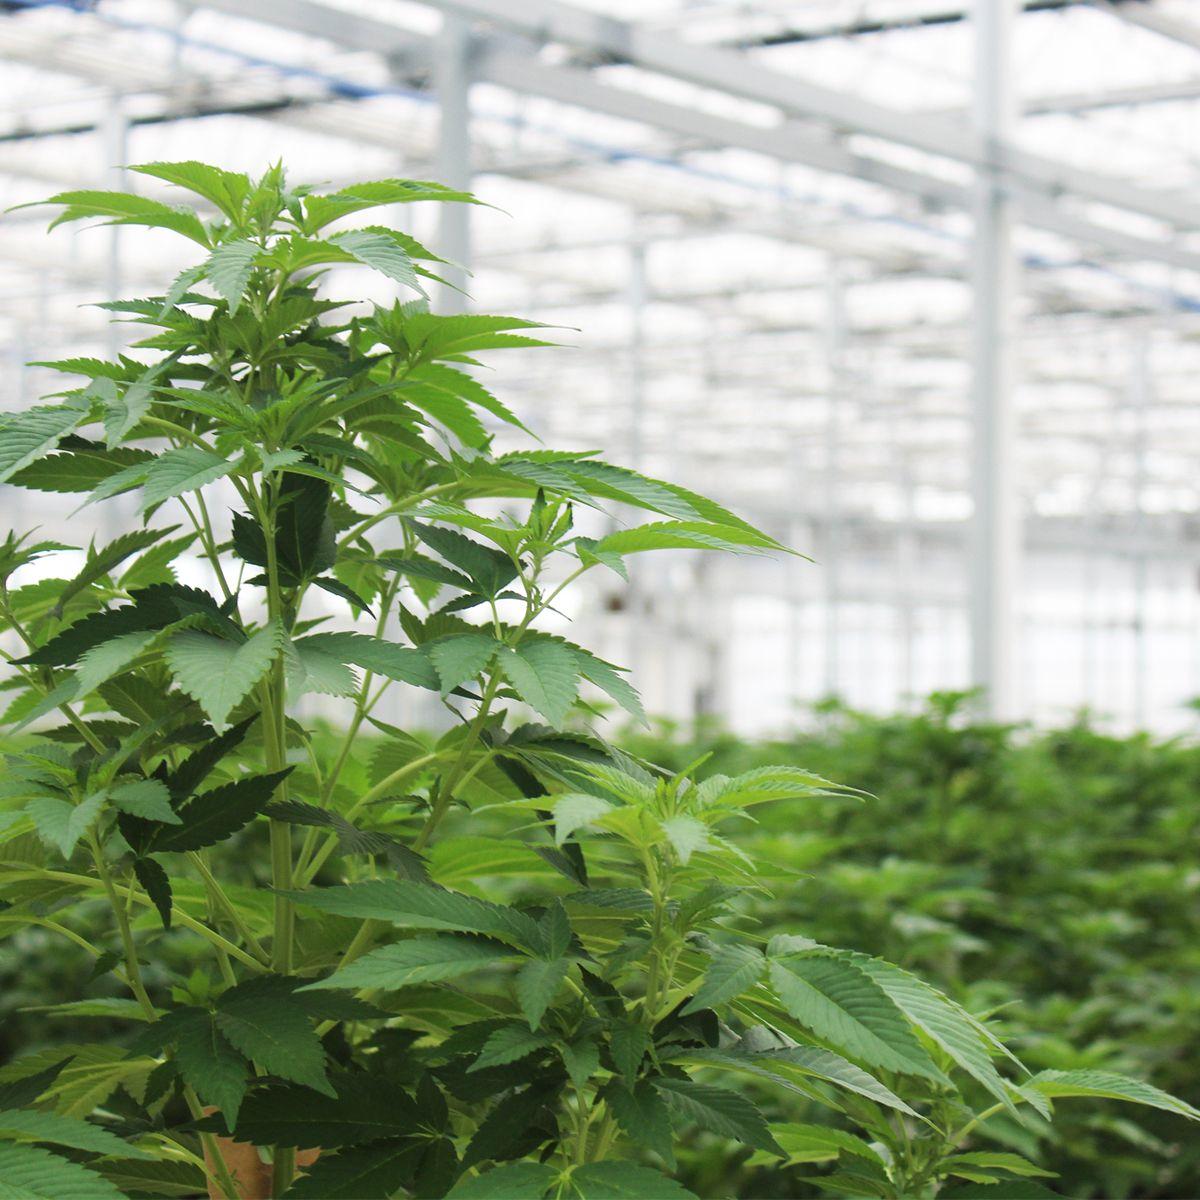 Hemp plants in a greenhouse